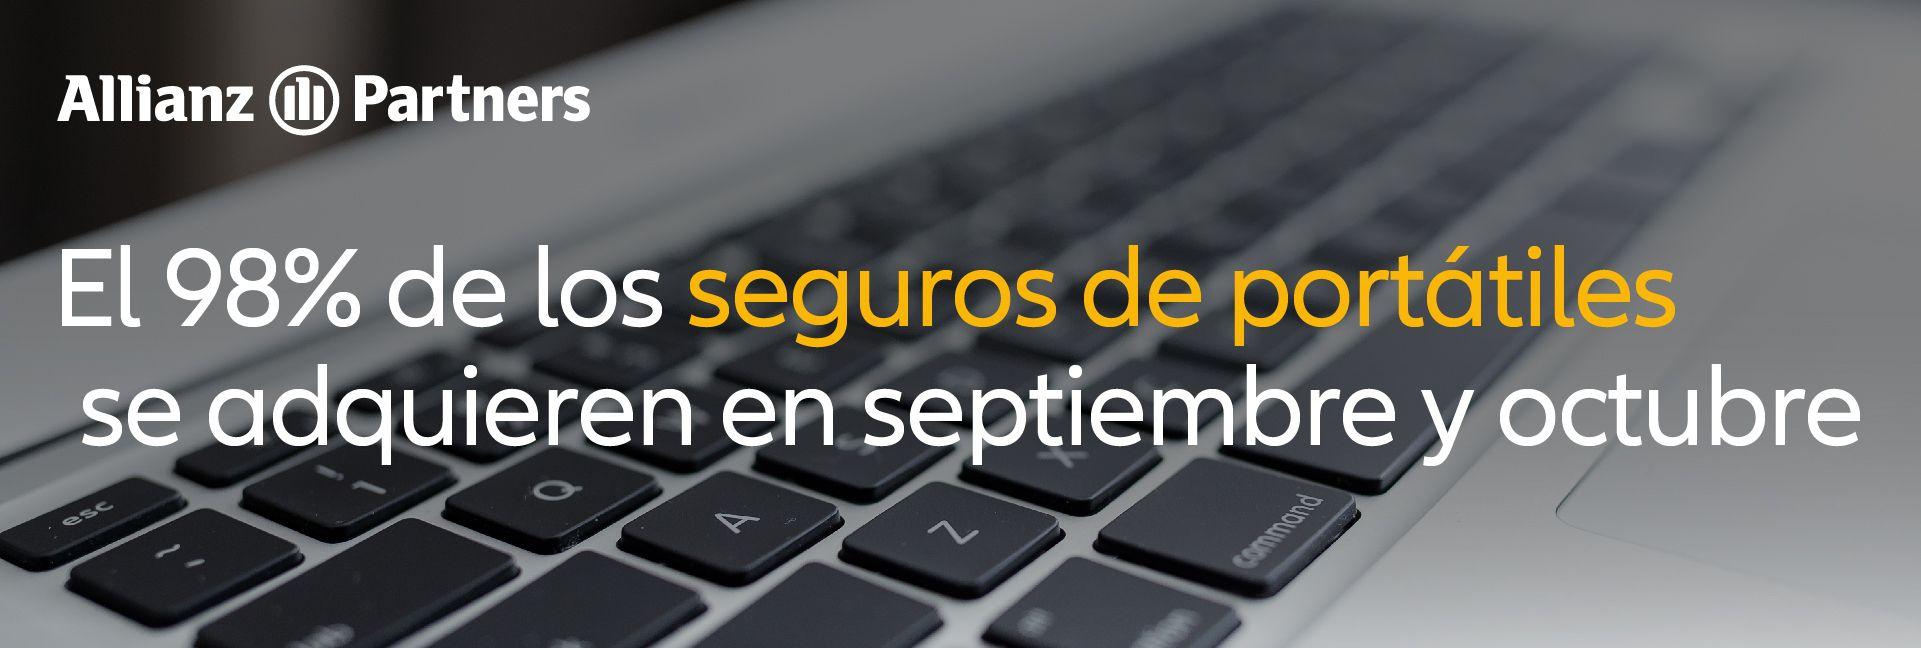 El 98% de los seguros de portátiles se adquieren entre septiembre y octubre, según Allianz Partners